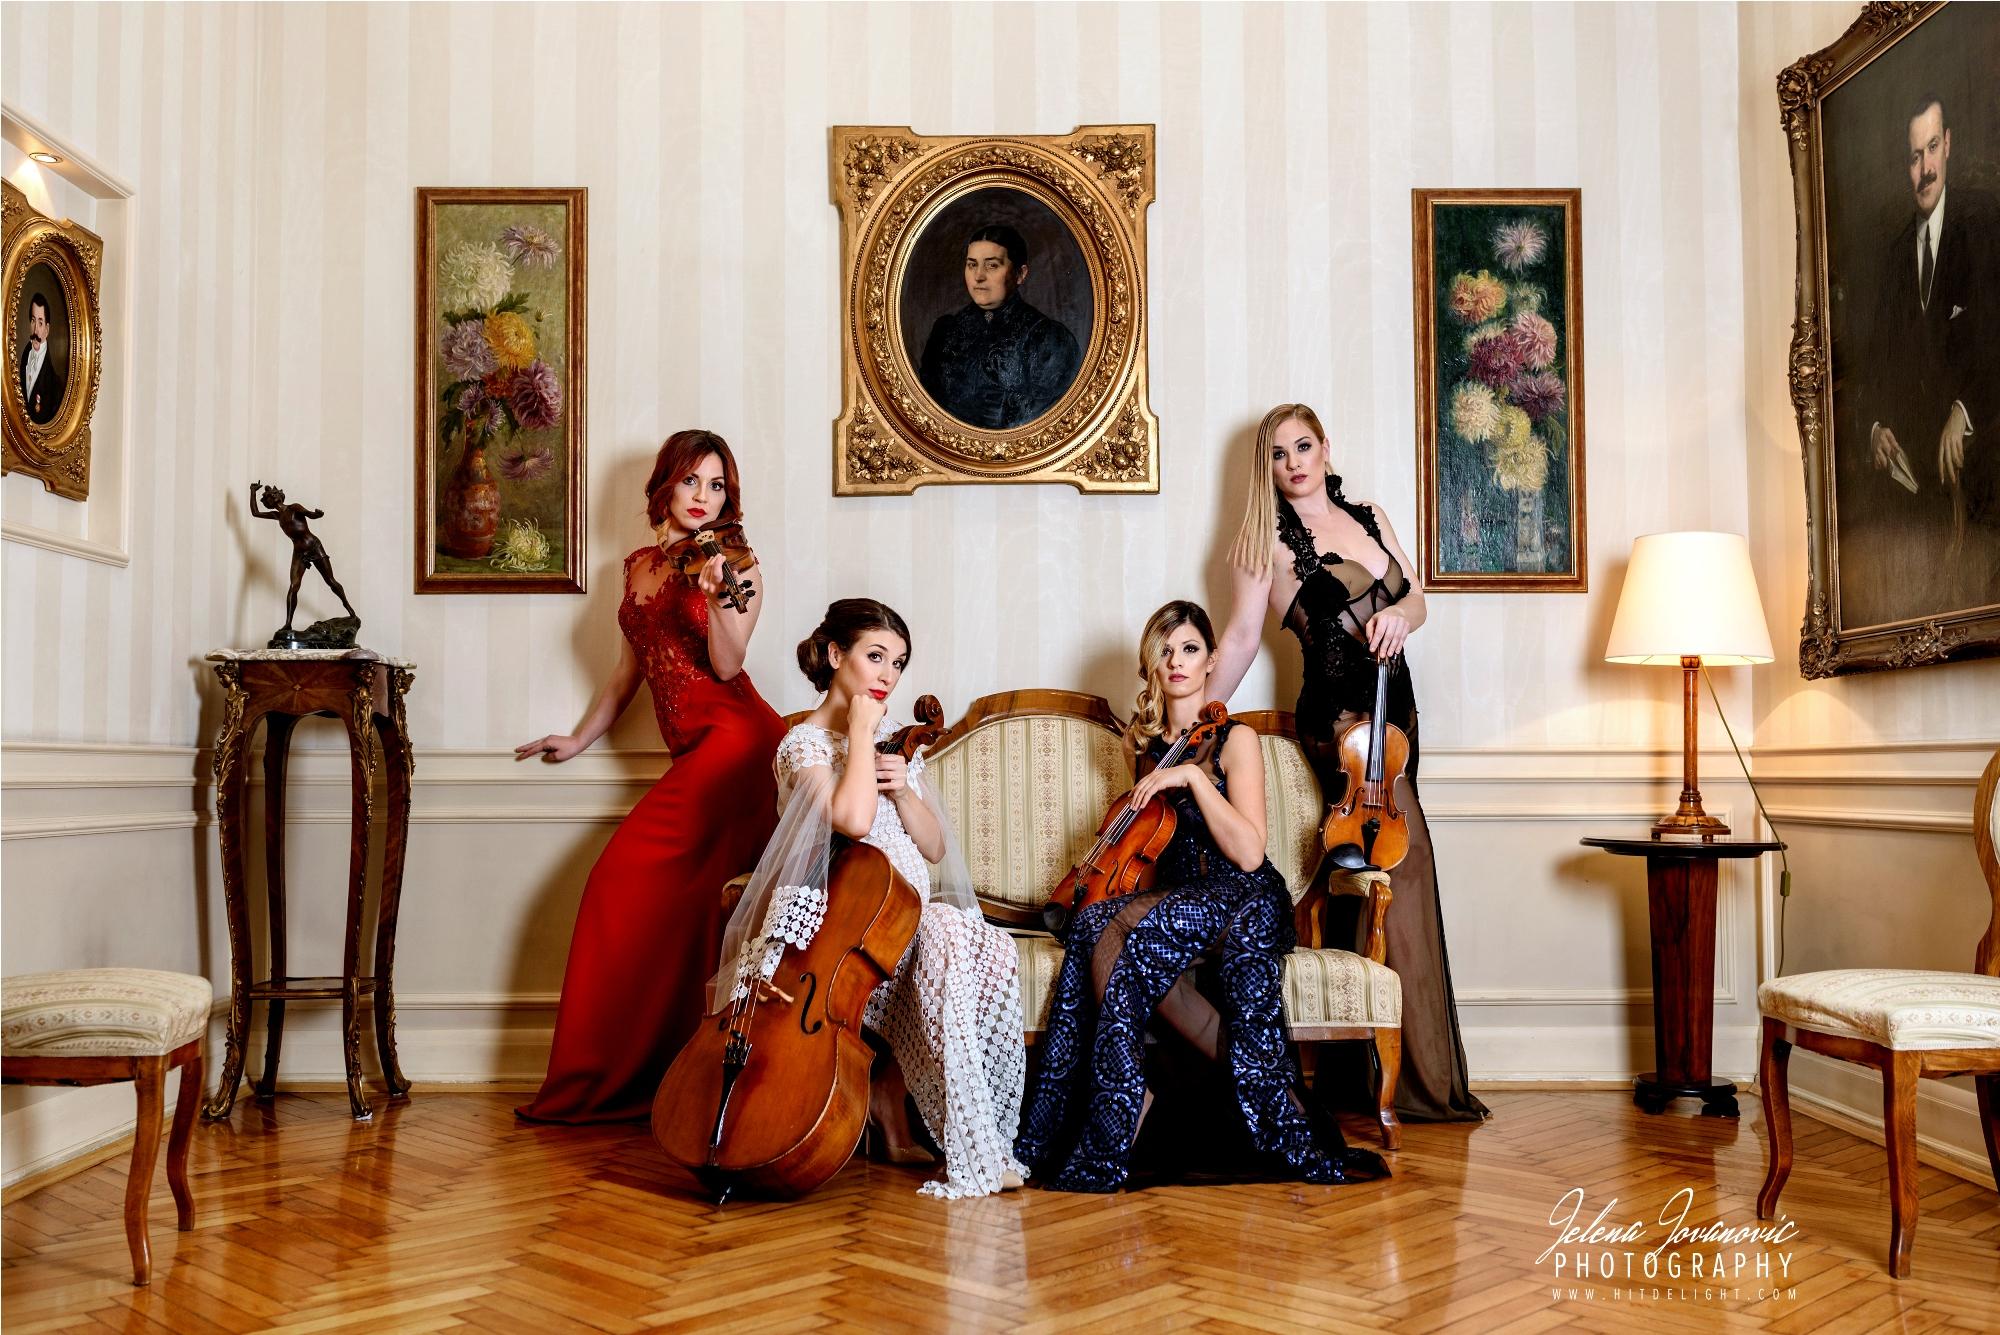 Marija Sabic, Gudacki kvartet, elegantne haljine, muzika za vencanja